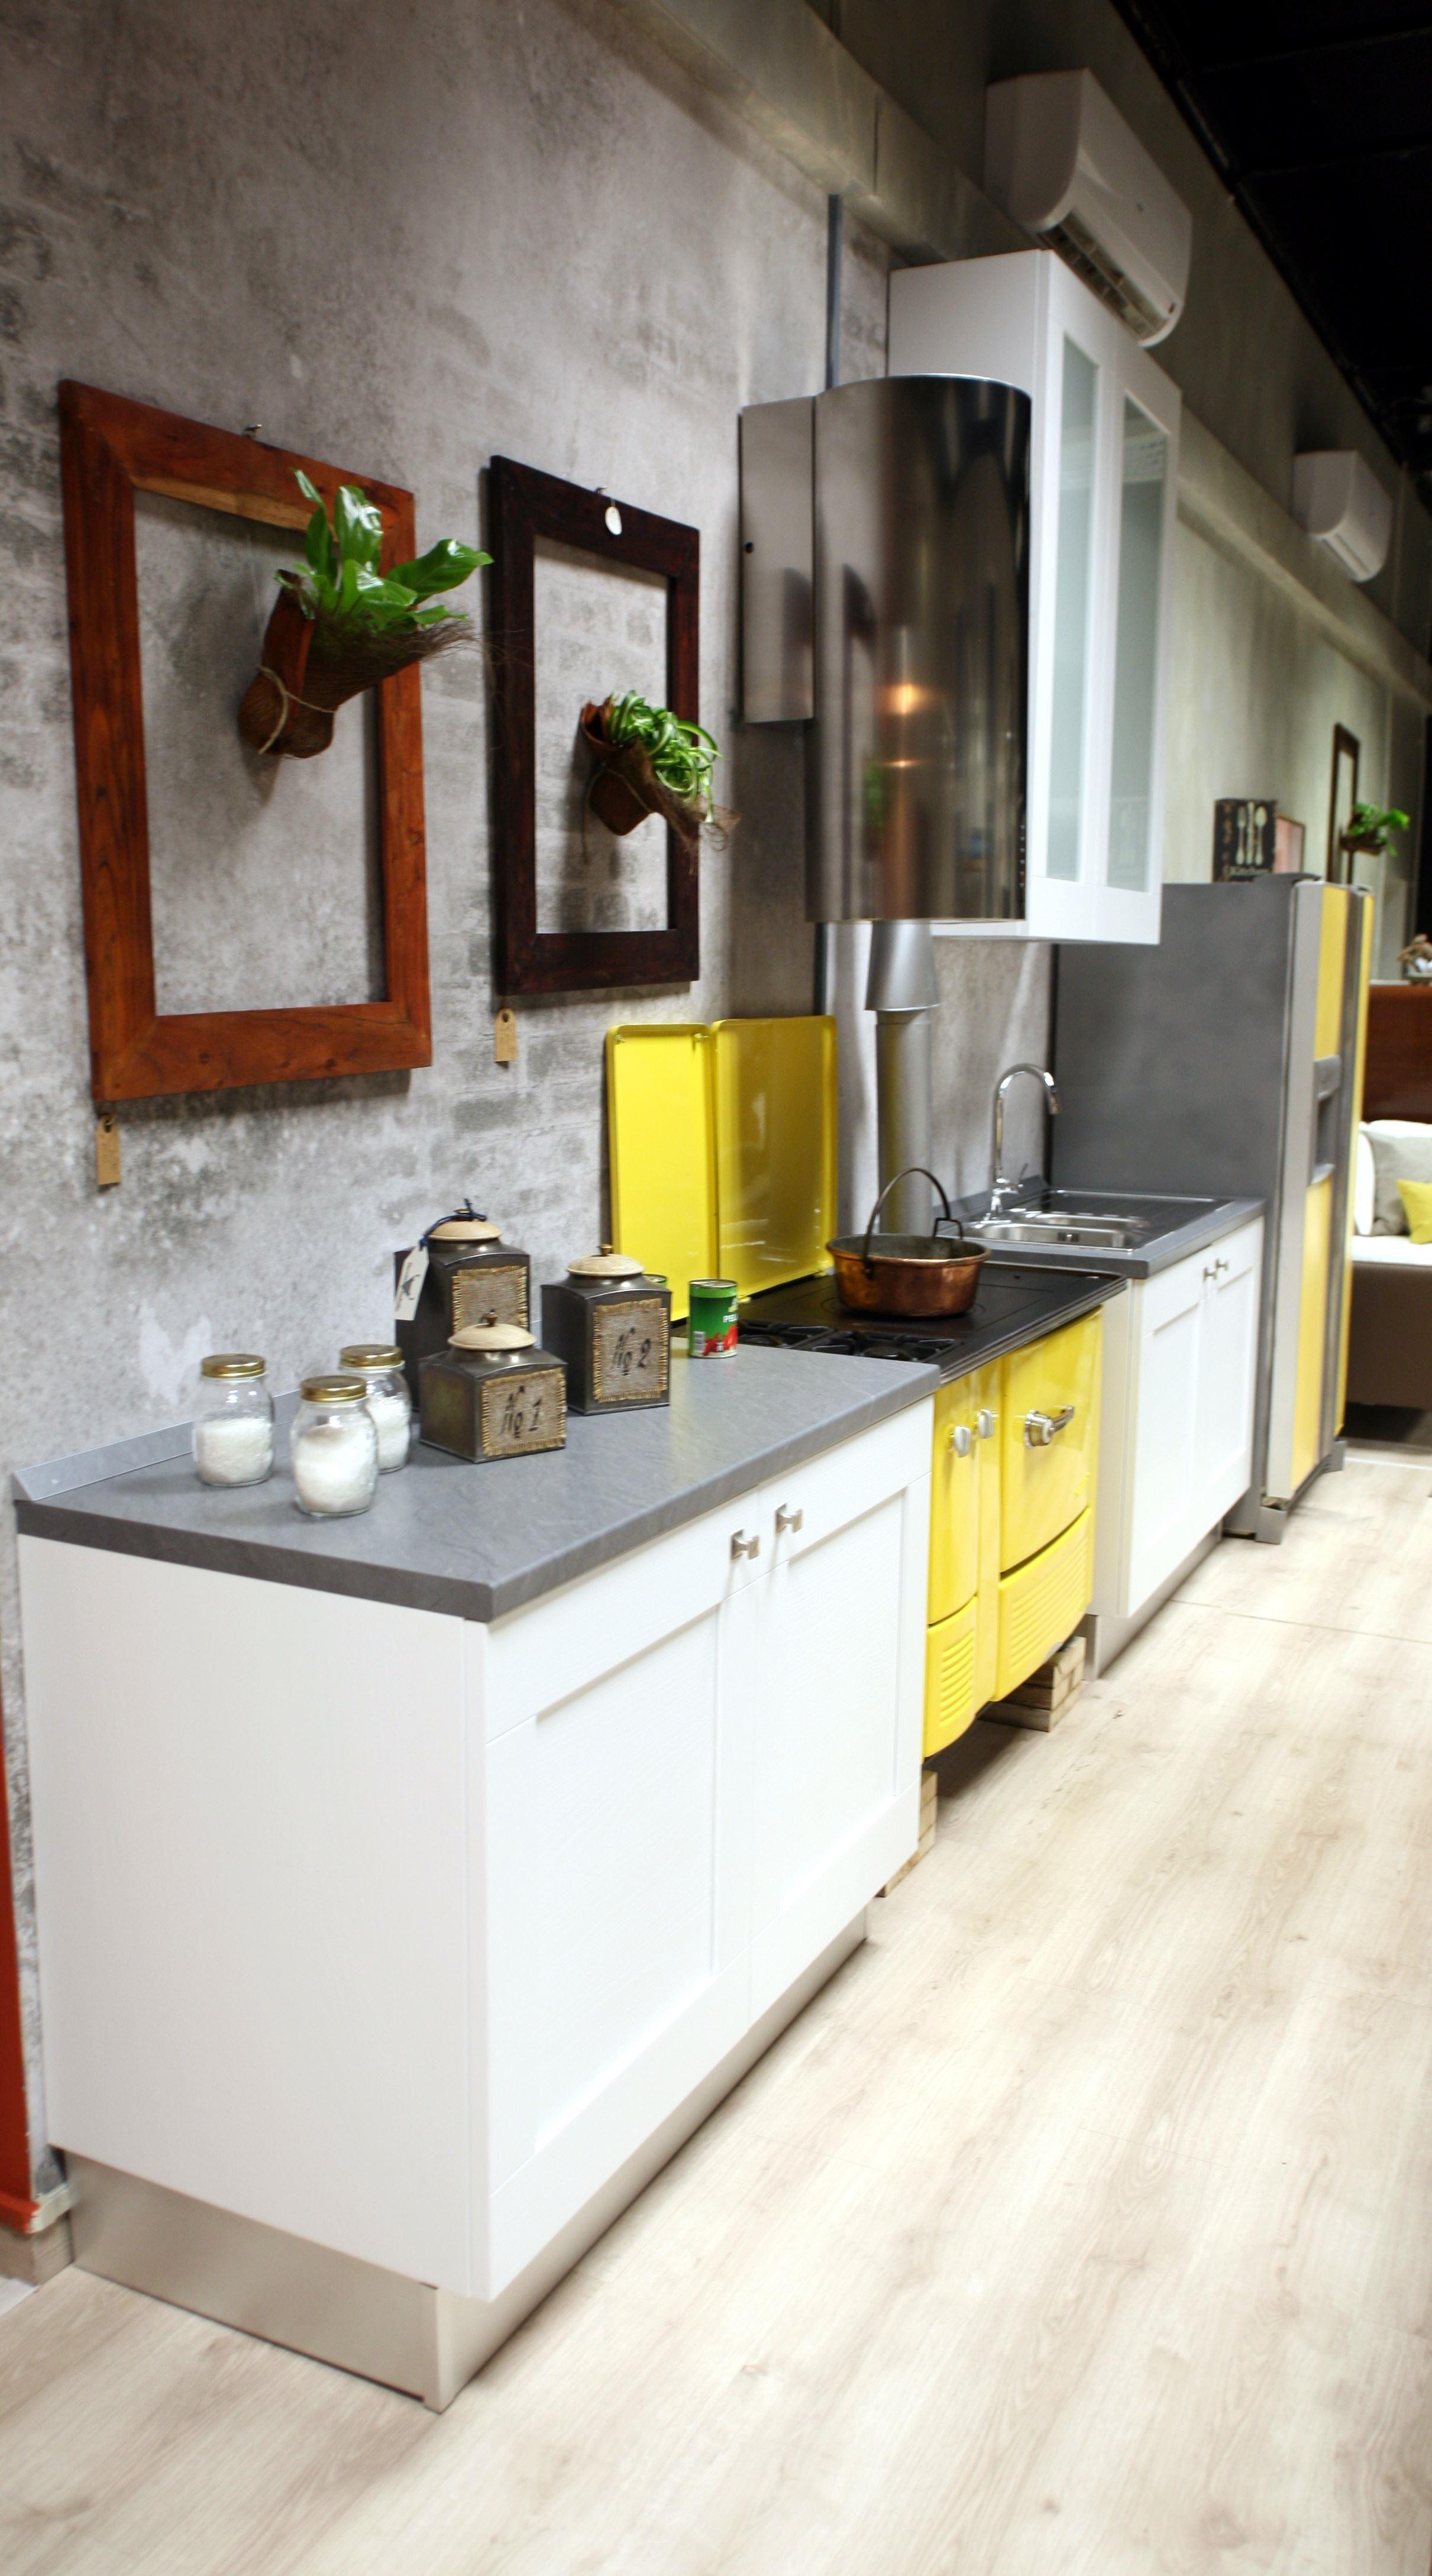 Offerta Cucina Lube Mod. Gallery in Frassino Bianco con Isola Stile Industrial Scontata del 40 % ...